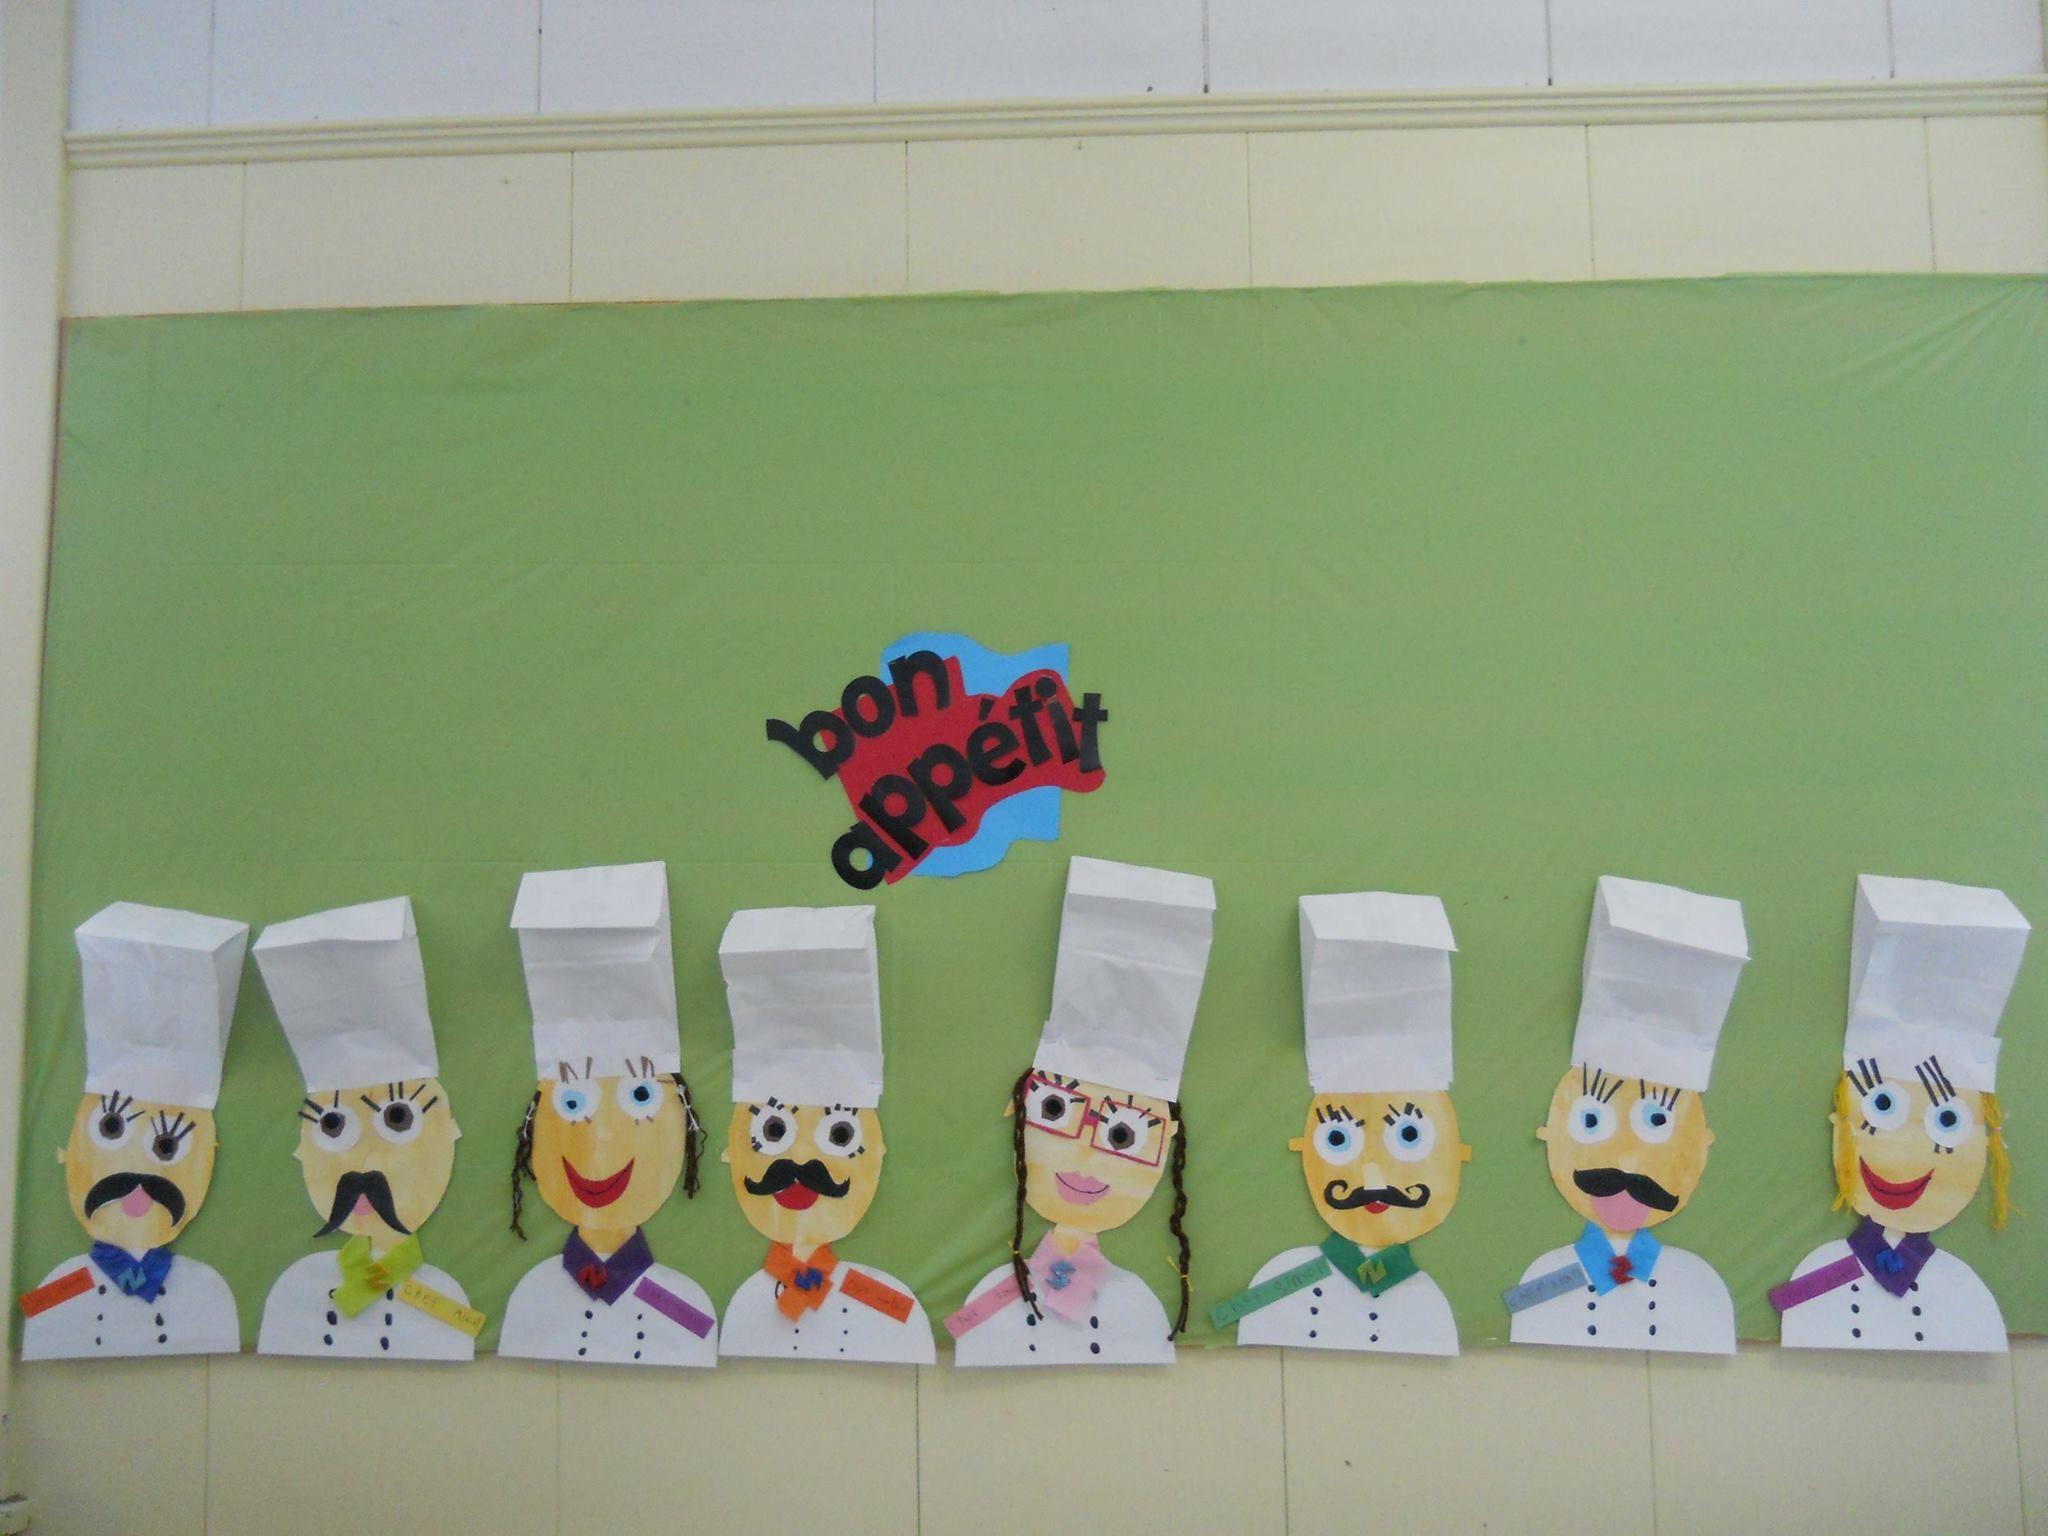 Chef cuisinier les metiers pinterest cuisini re alimentation et matern - Pinterest francais bricolage ...